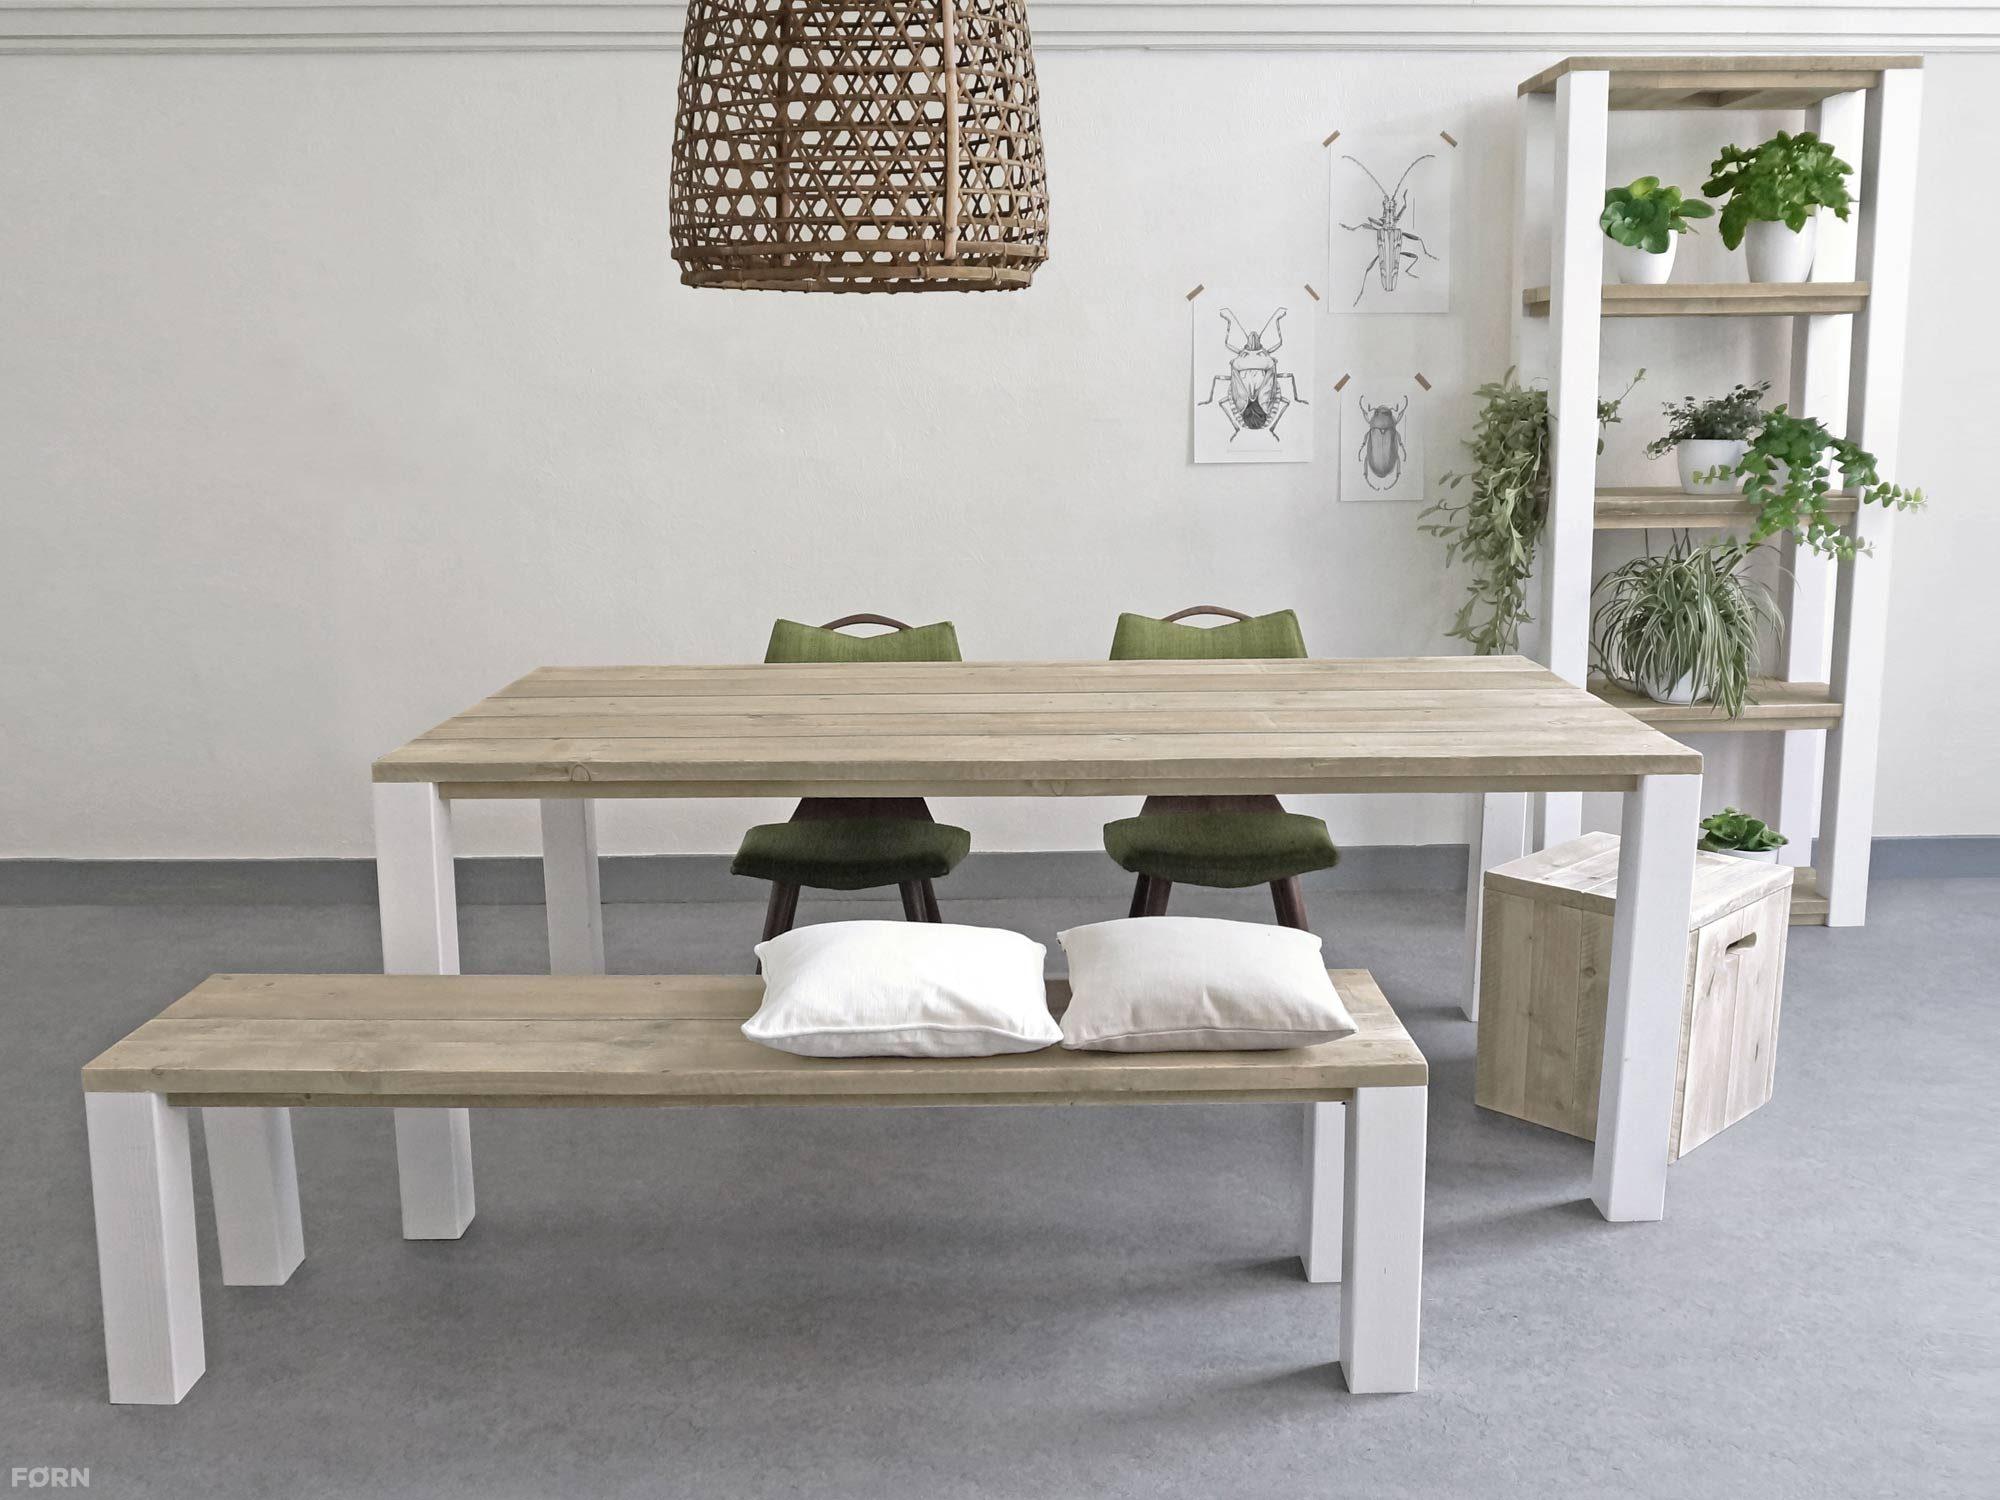 Strakke Witte Eettafel.Steigerhouten Eettafel Op Maat Gemaakt Forn